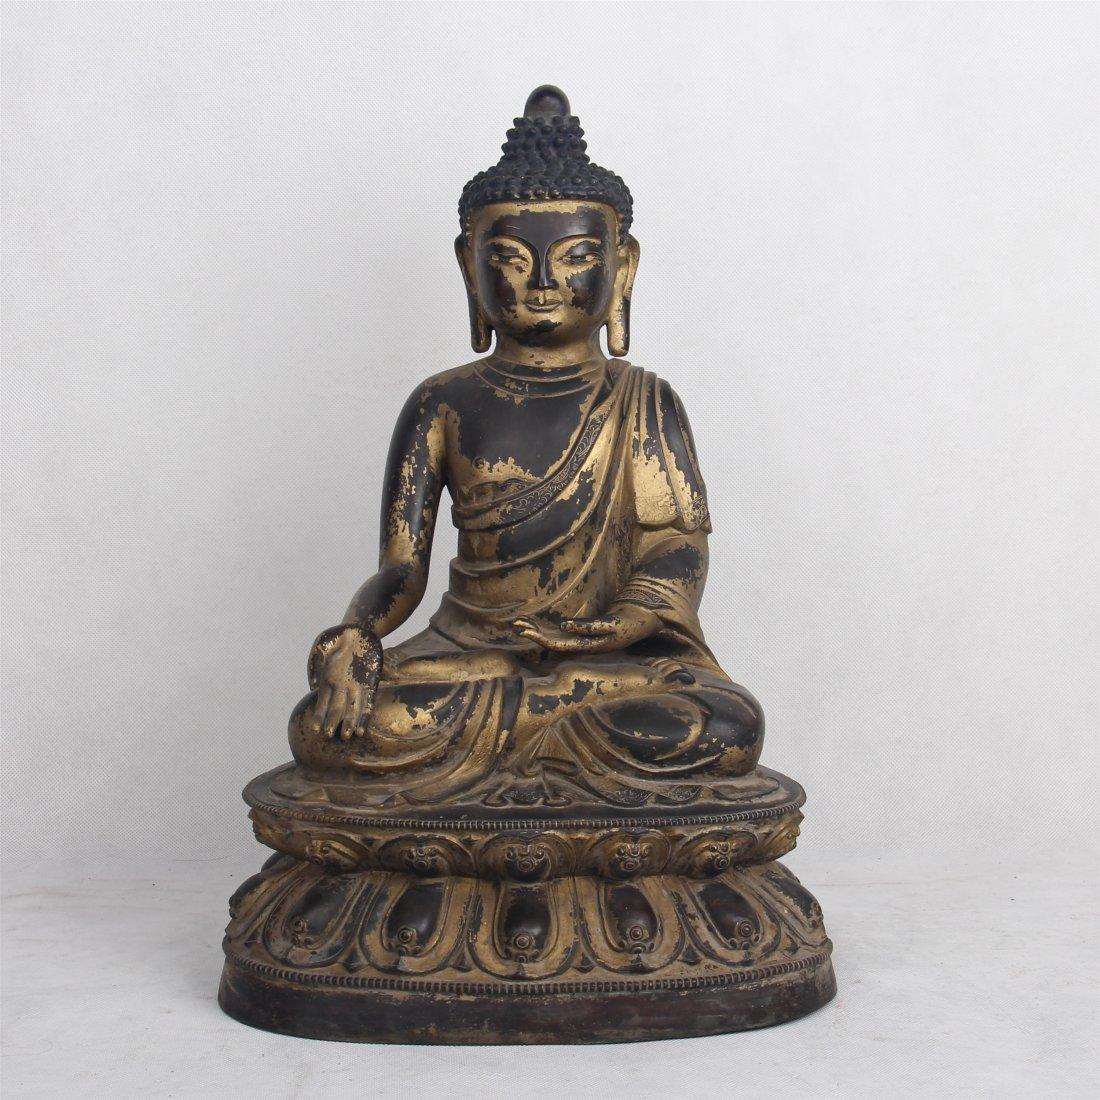 CHINESE GILT BRONZE SEATED BUDDHA